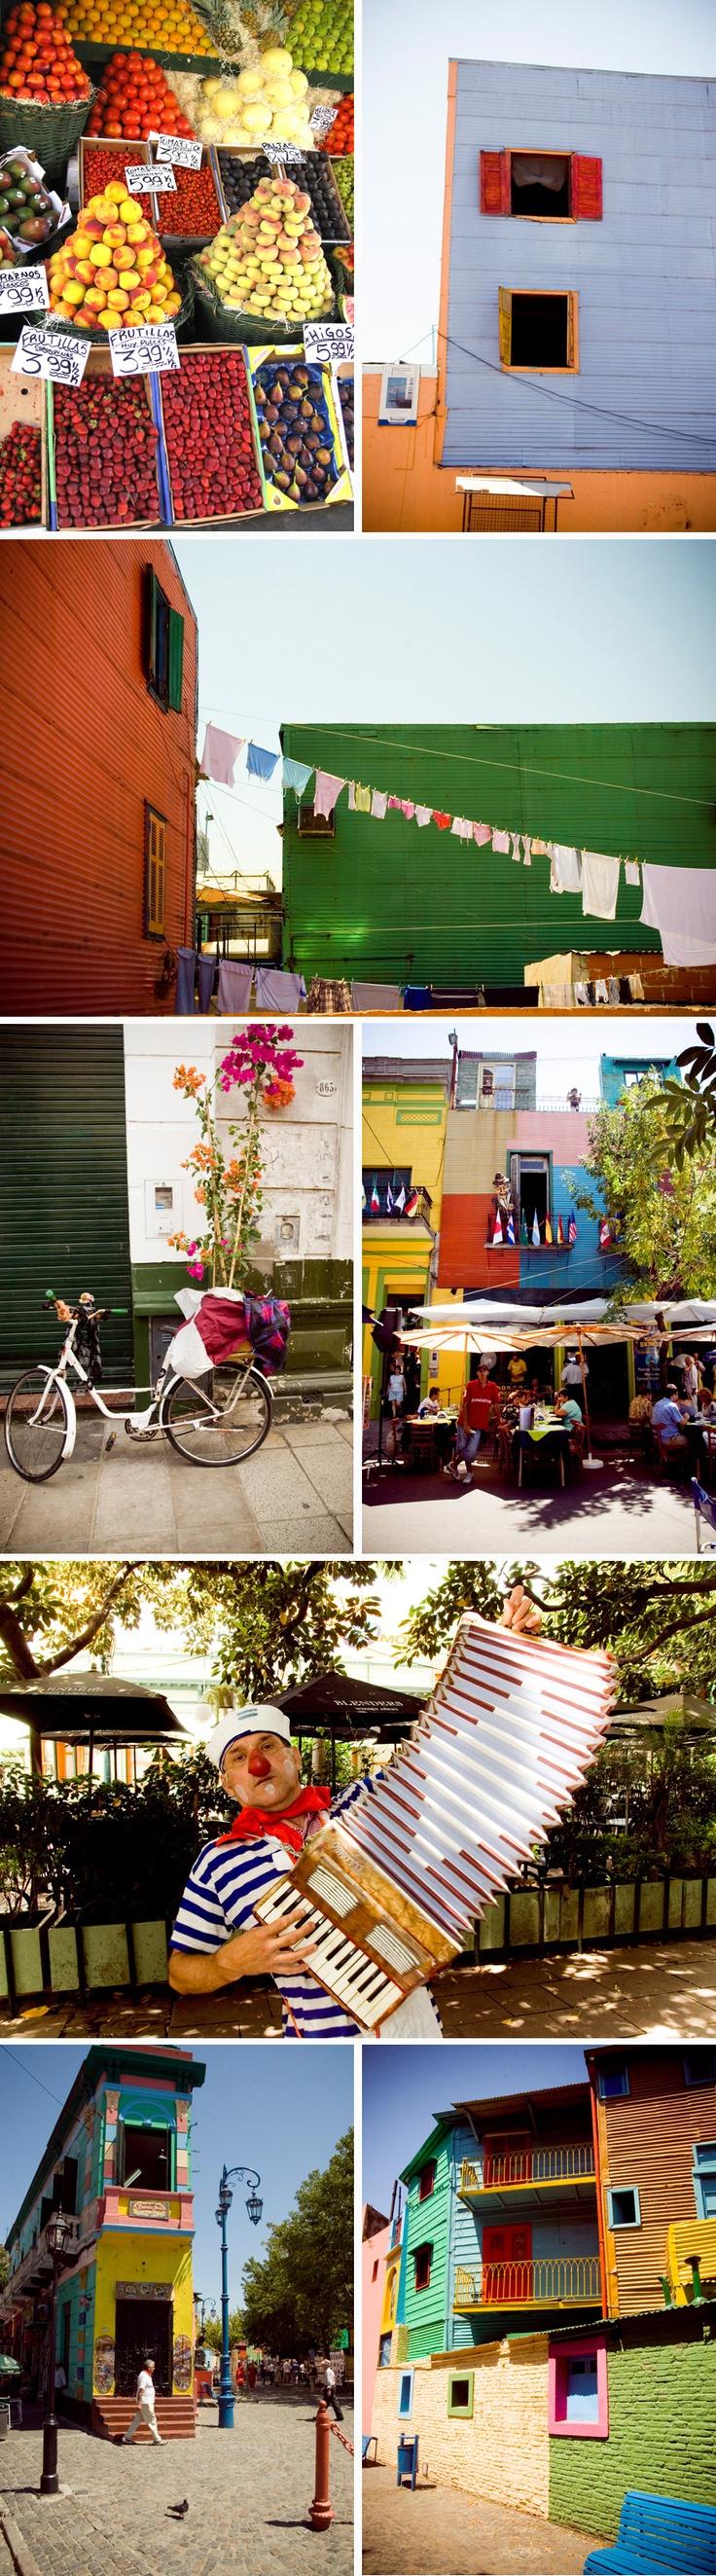 Bright colors in Buenos Aires - La Boca